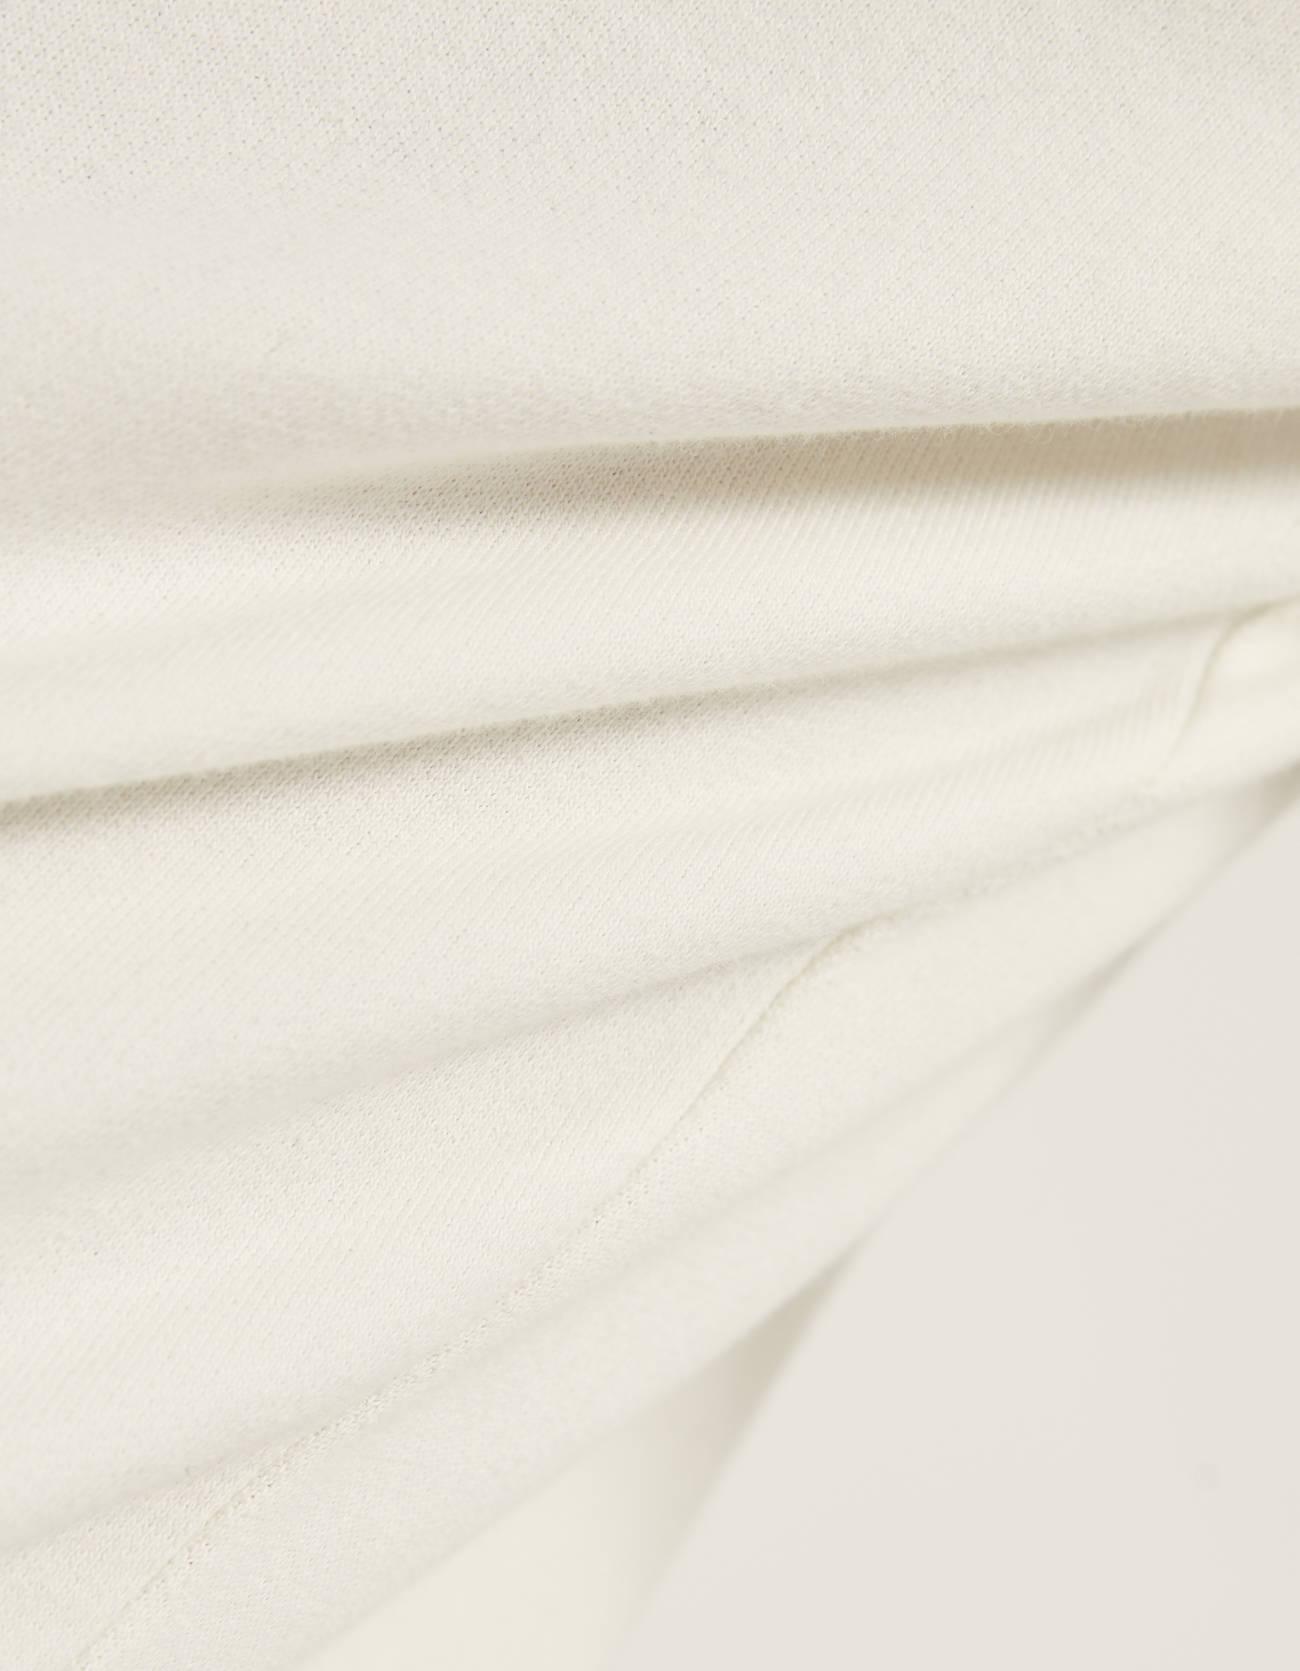 Брюки джоггеры в стиле карго из мягкой ткани Бежевый Bershka